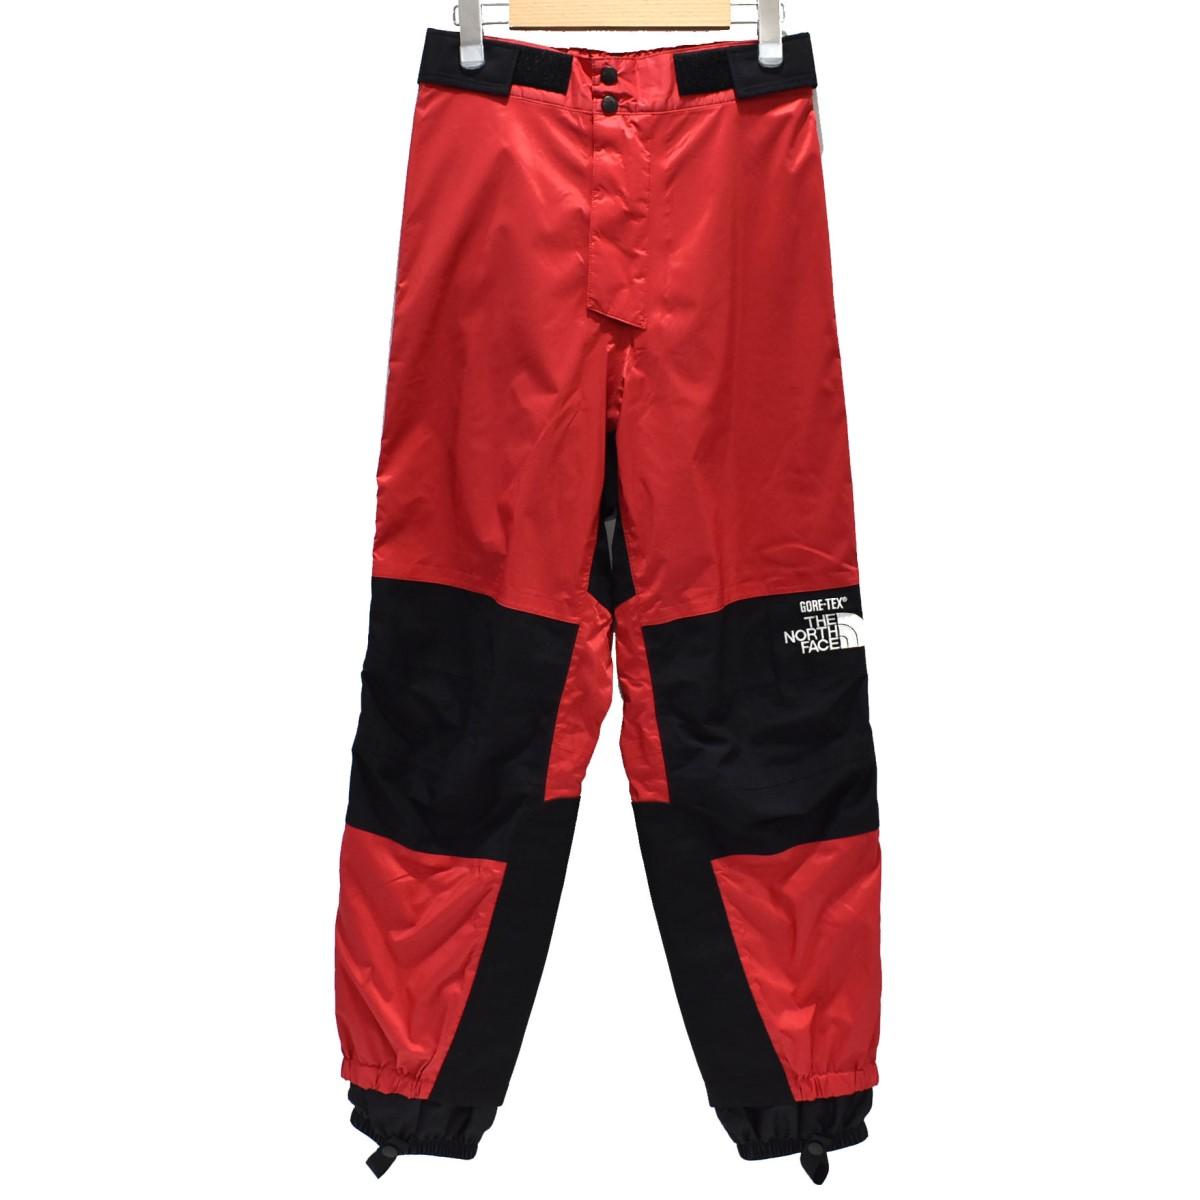 【中古】THE NORTH FACE 90S GORE TEX Mountain Pants マウンテンパンツ ブラック×レッド サイズ:S 【040520】(ザノースフェイス)